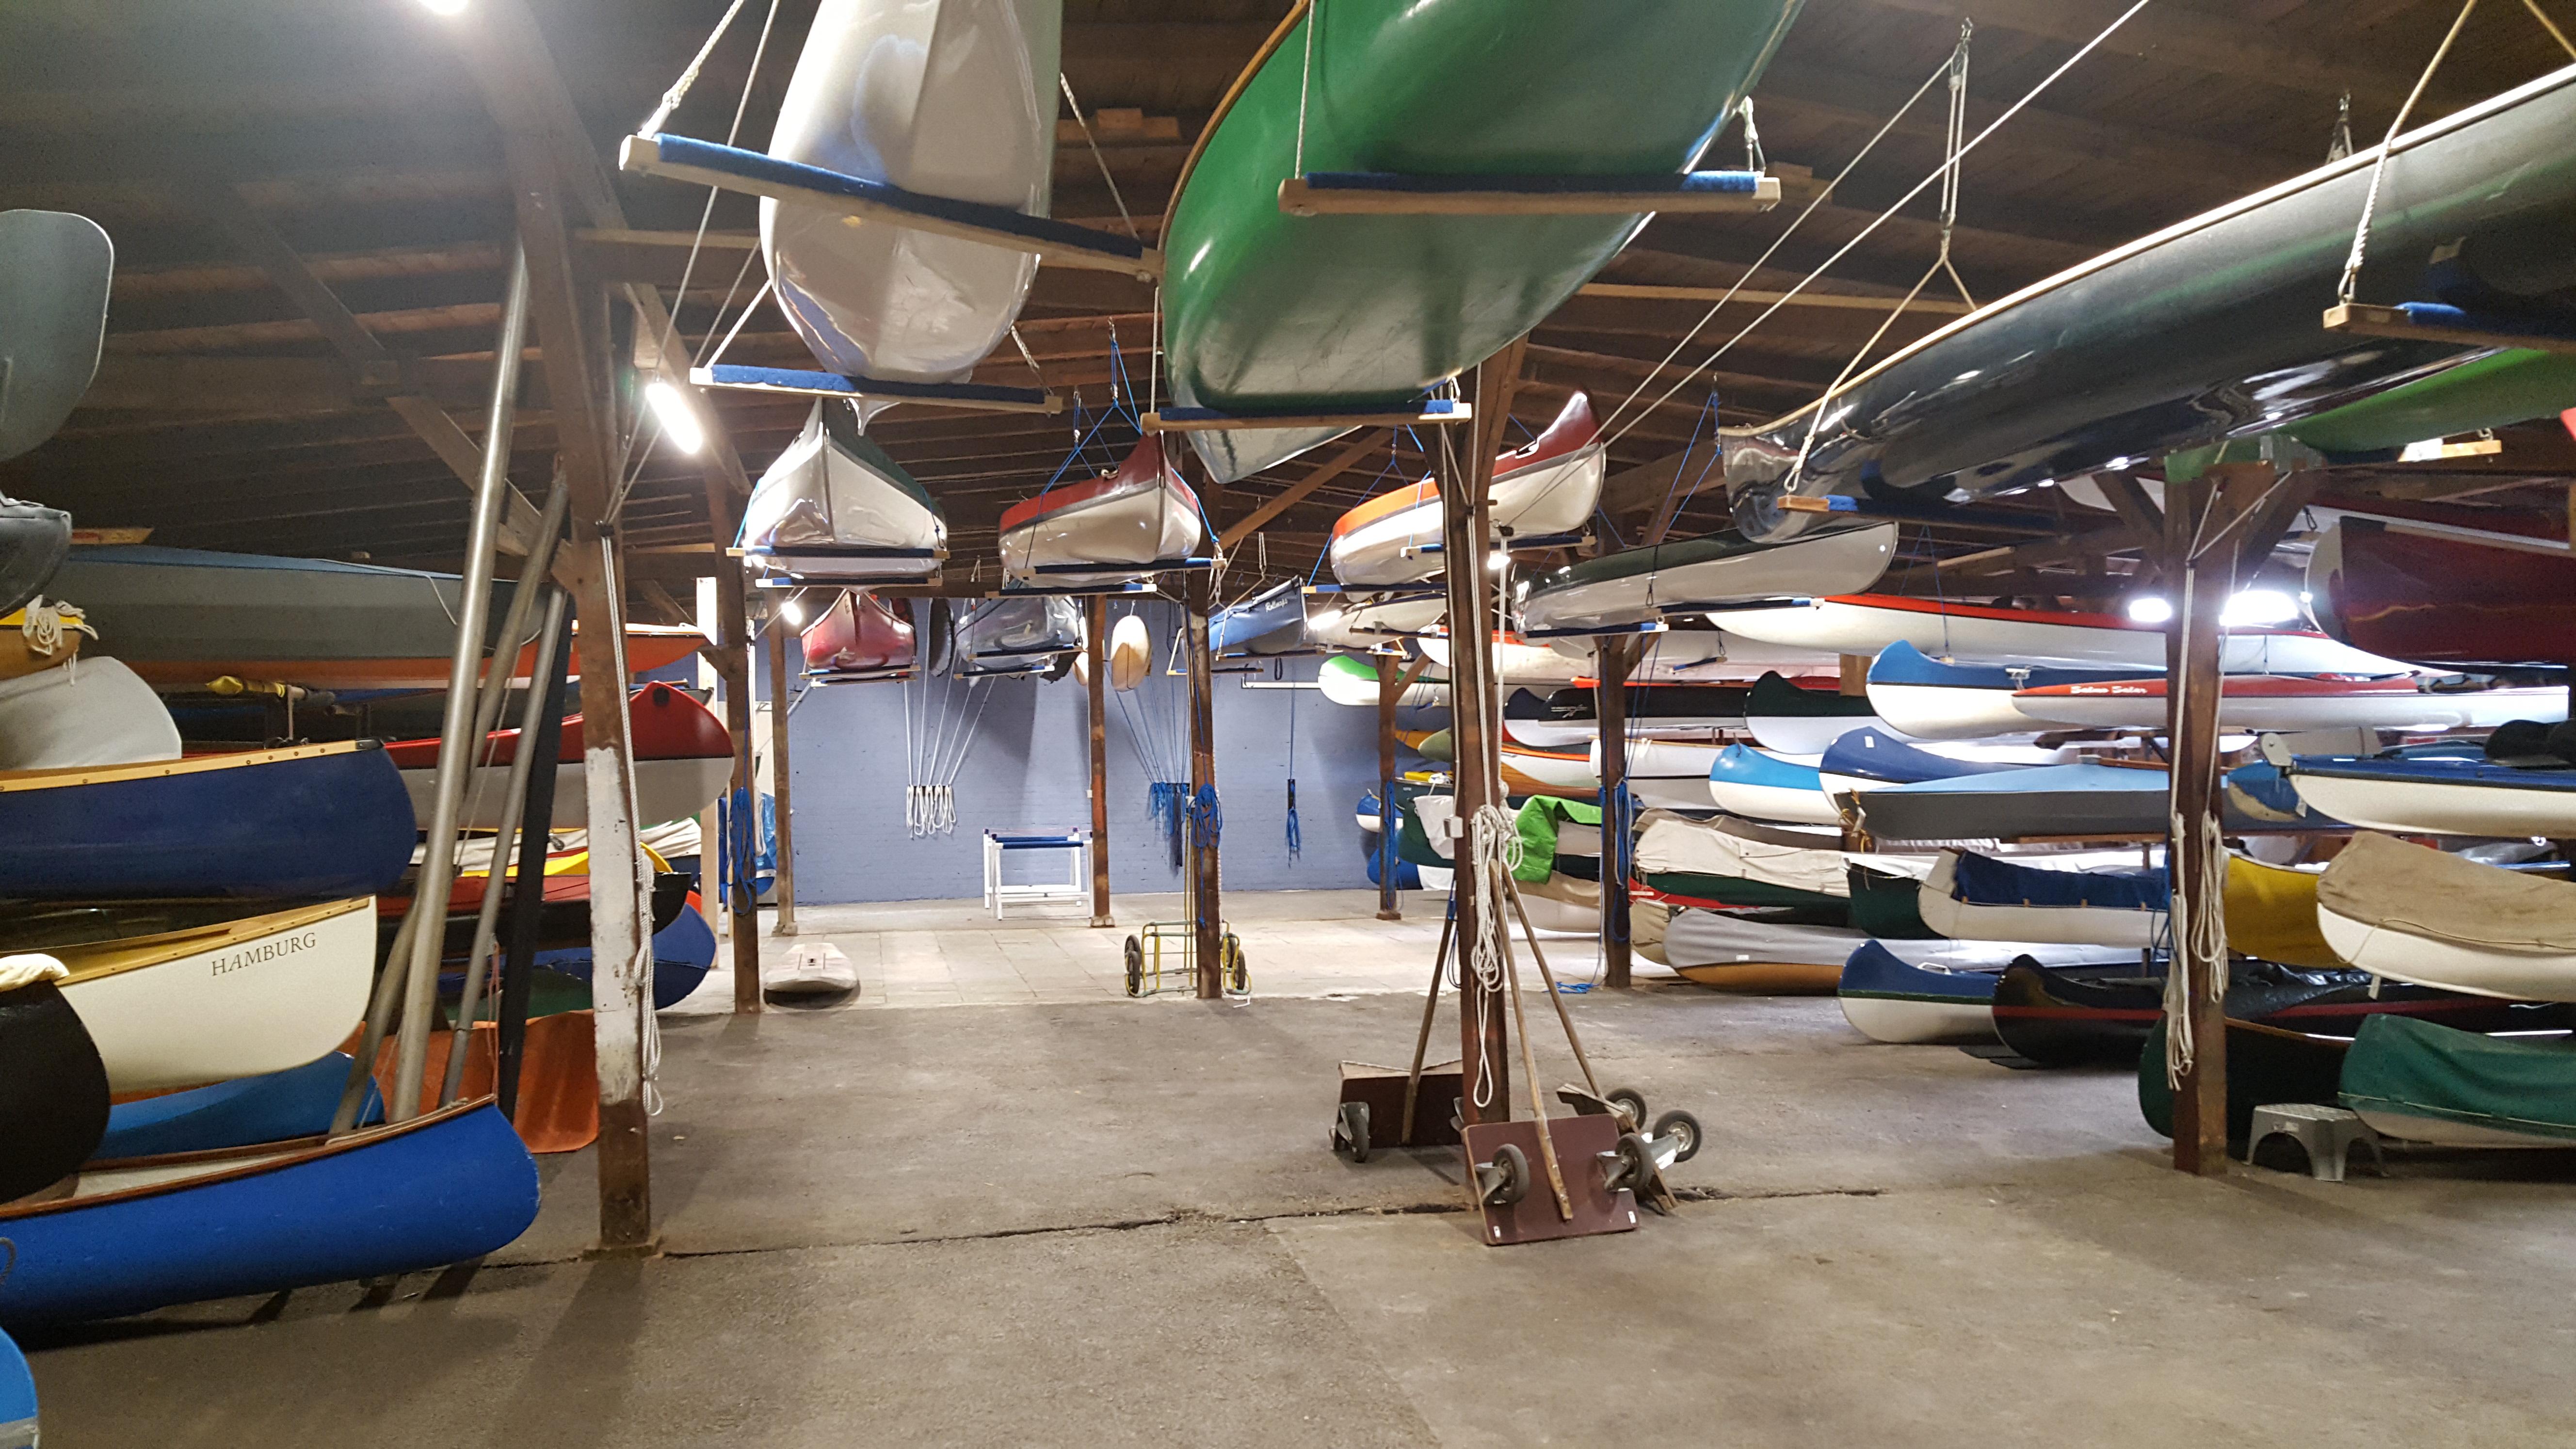 Moderne Bootslagerung in Hamburg in historischen Werfthallen beim Anleger hamburg am Alsterlauf